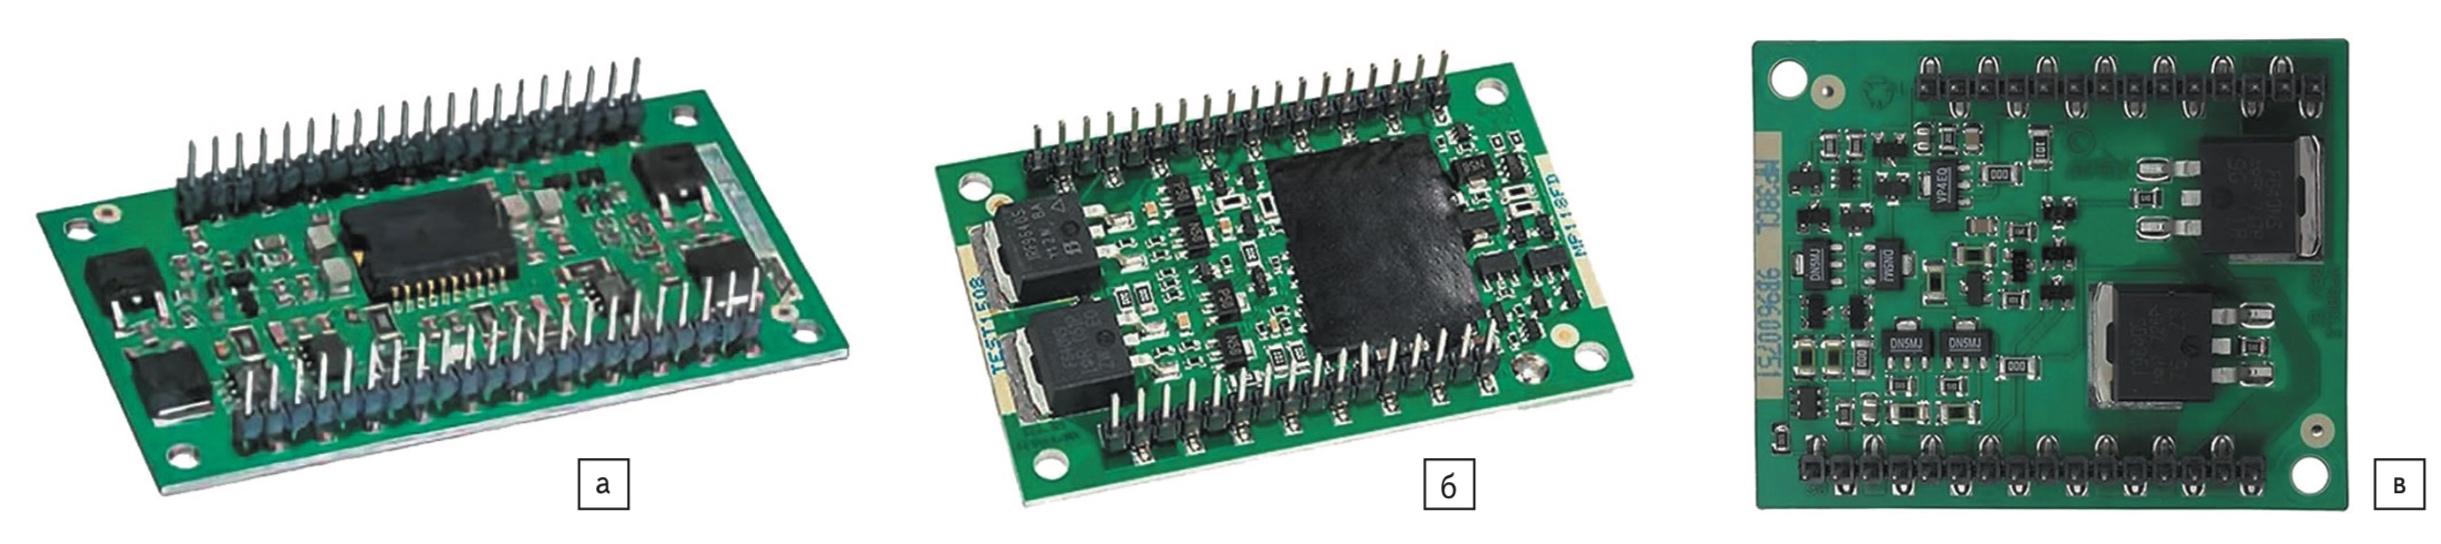 Внешний вид бескорпусных усилителей Apex Microtechnology: а) DIP FC; б) DIP FD; в) DIP CL